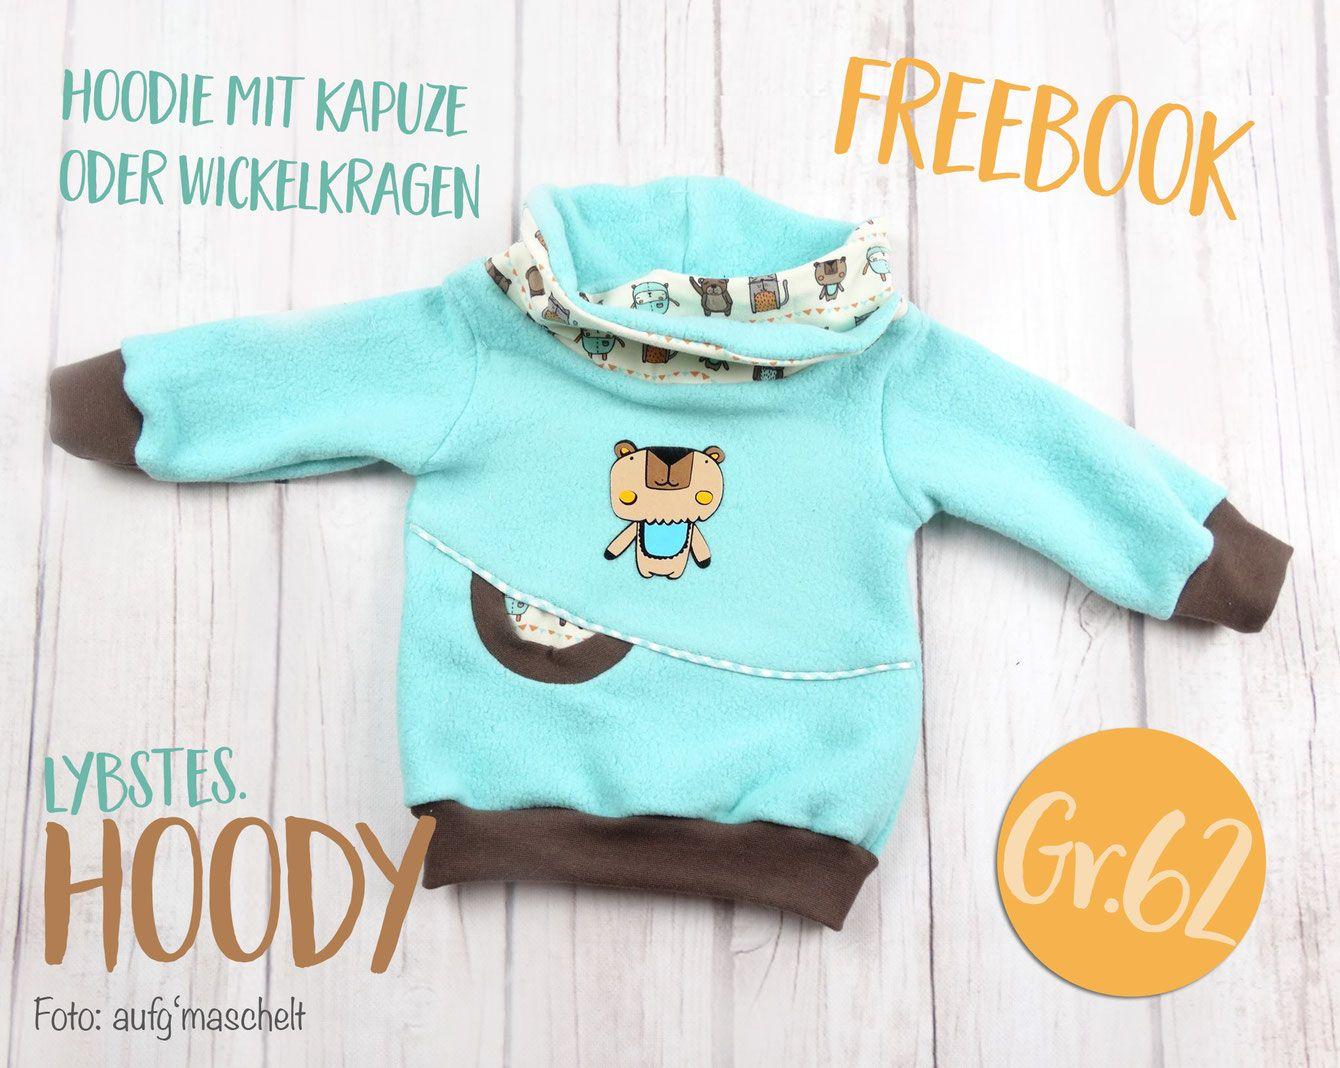 Lybstes Freebook: Baby-Kapuzenpullover, Hoodie mit Wickelkapuze ...